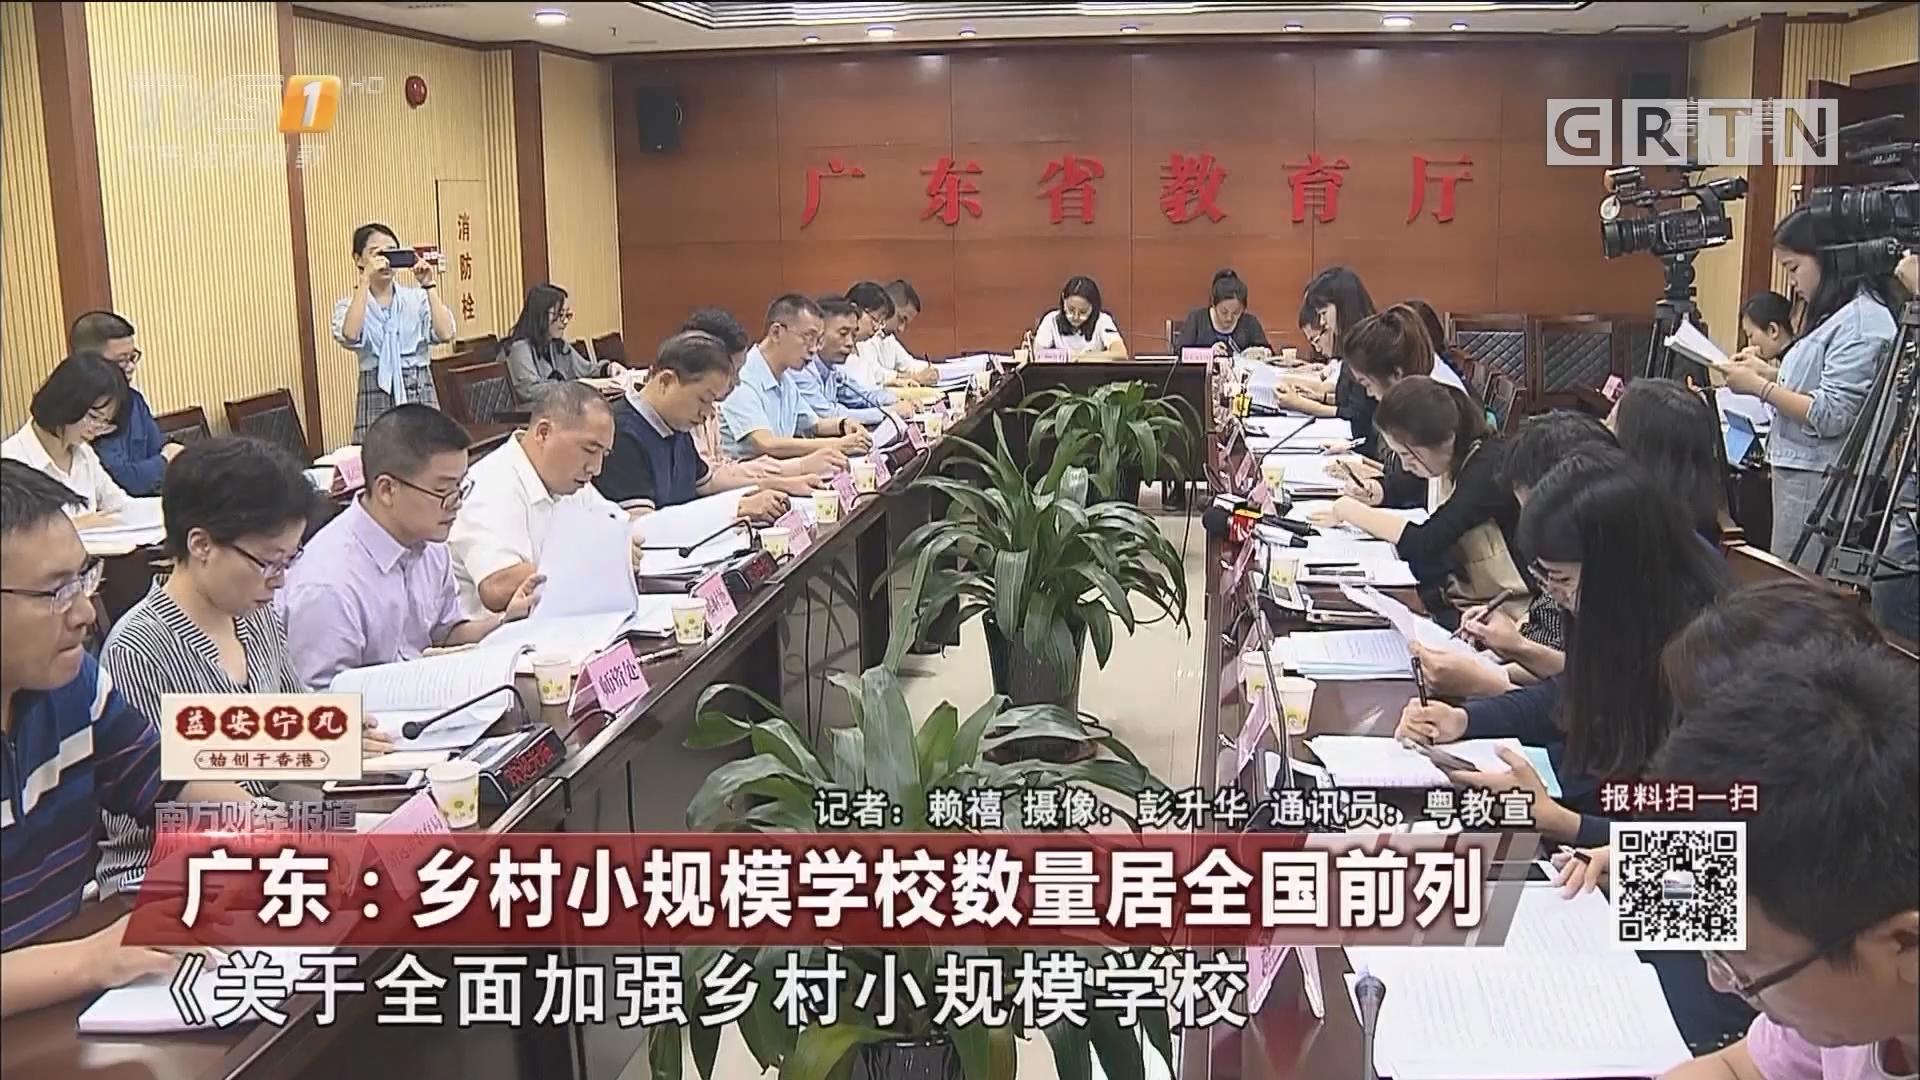 广东:乡村小规模学校数量居全国前列